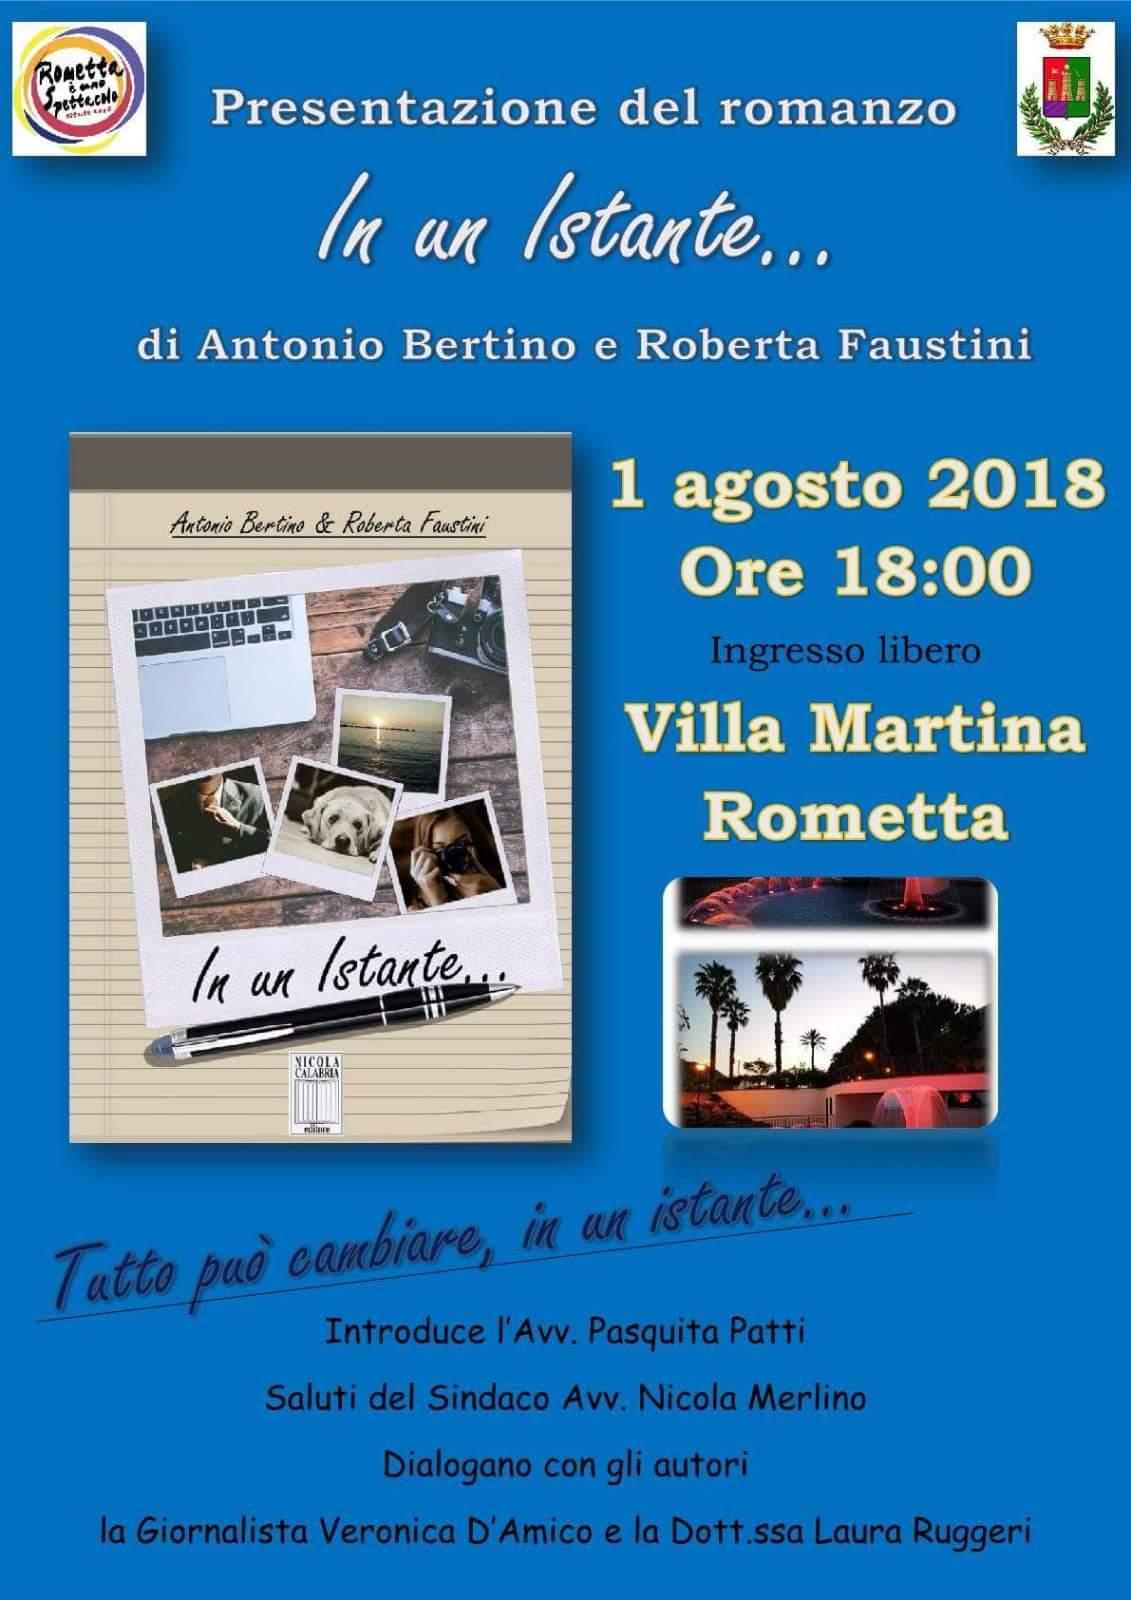 """Rometta Marea. Antonio Bertino e Roberta Faustini presentano il romanzo """"In un istante…"""" a Villa Martina"""